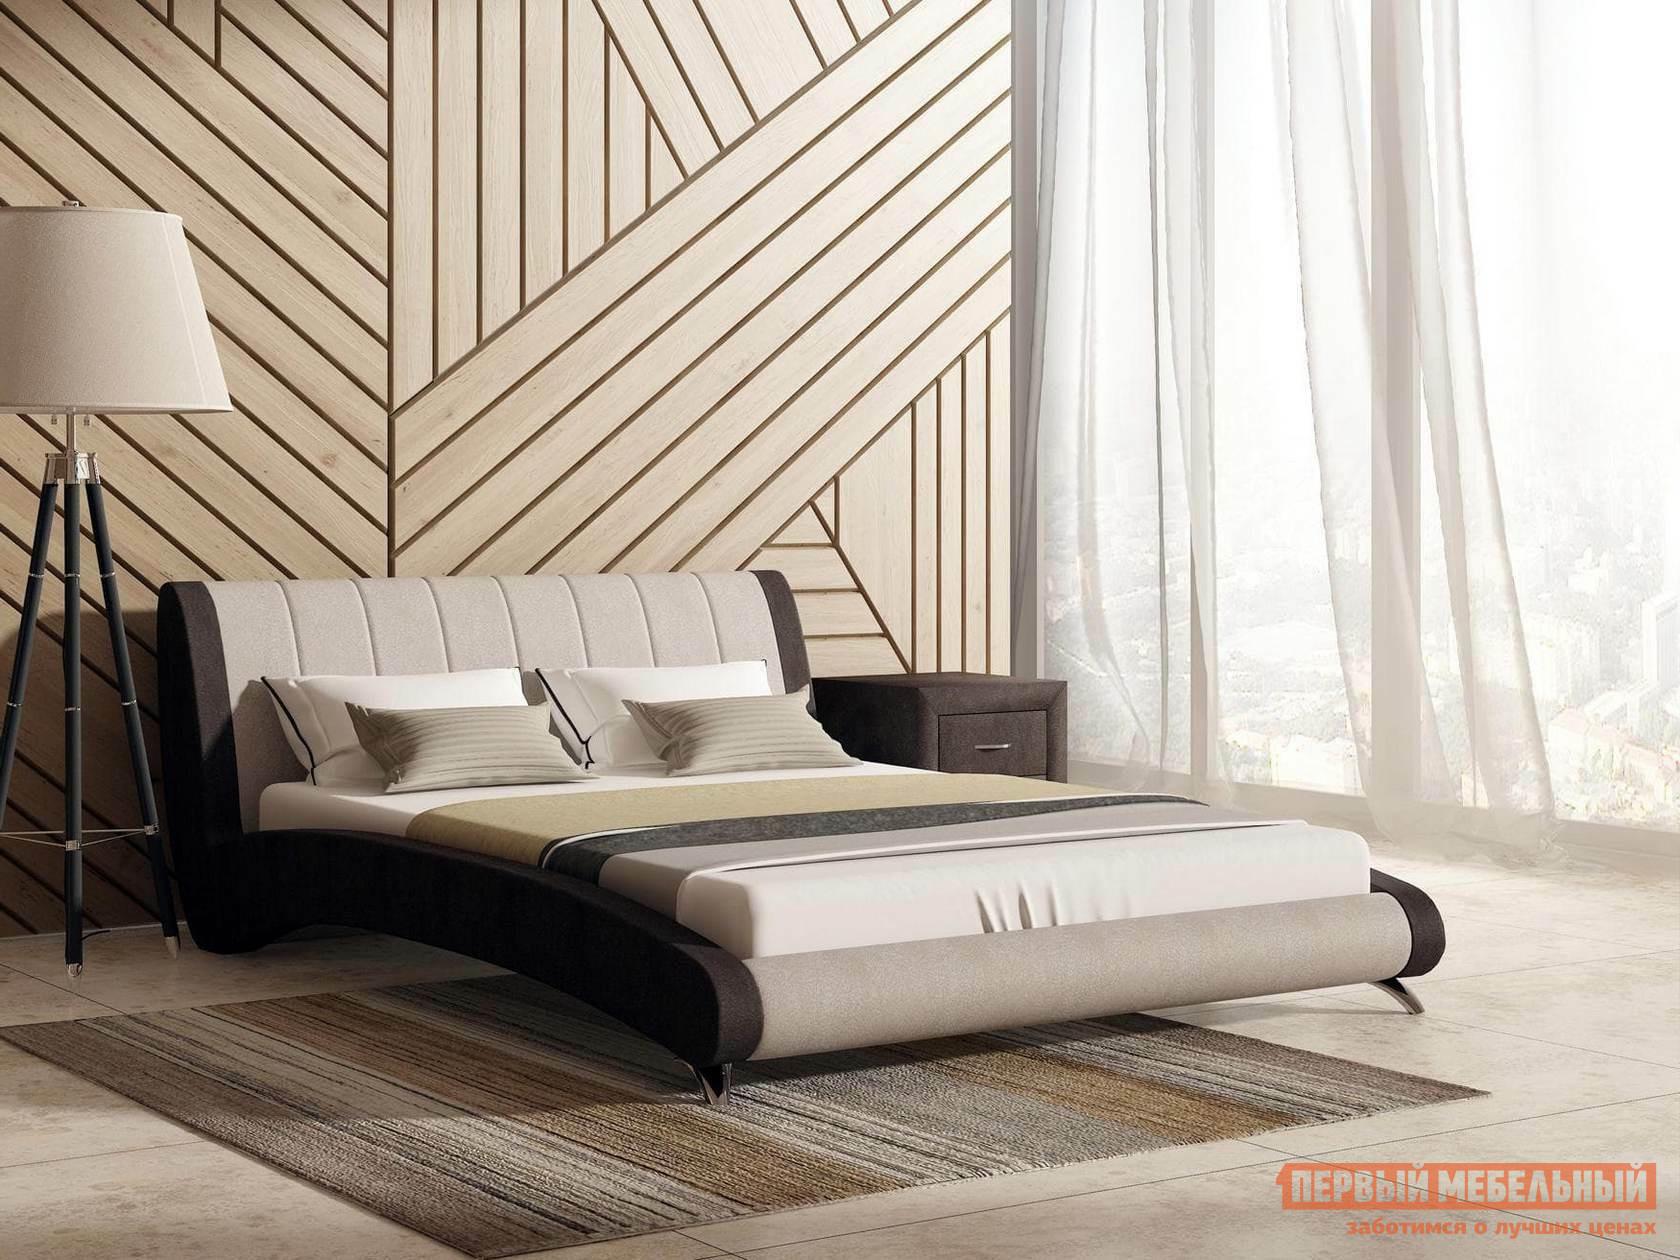 Двуспальная кровать  Кровать Валери с ортопедическим основанием Бежевый / Коричневый велюр, 1600 Х 2000 мм